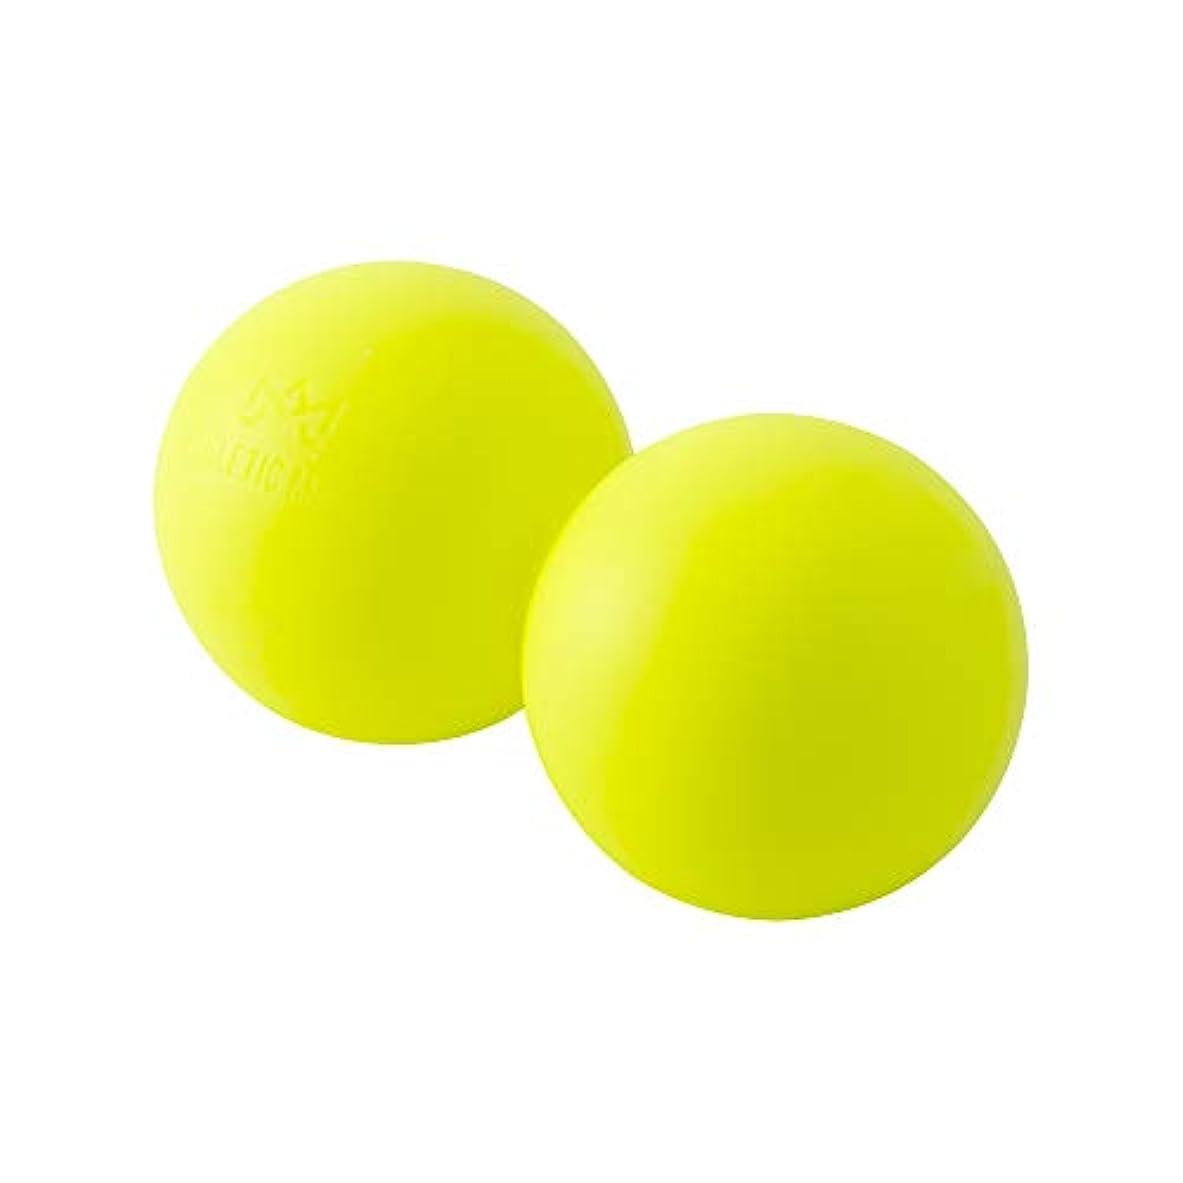 ドームしがみつくバトルATHLETIC MART ピーナッツ型ストレッチボール マッサージボール ラクロスボール2個サイズ ツボ押し (蛍光イエロー)